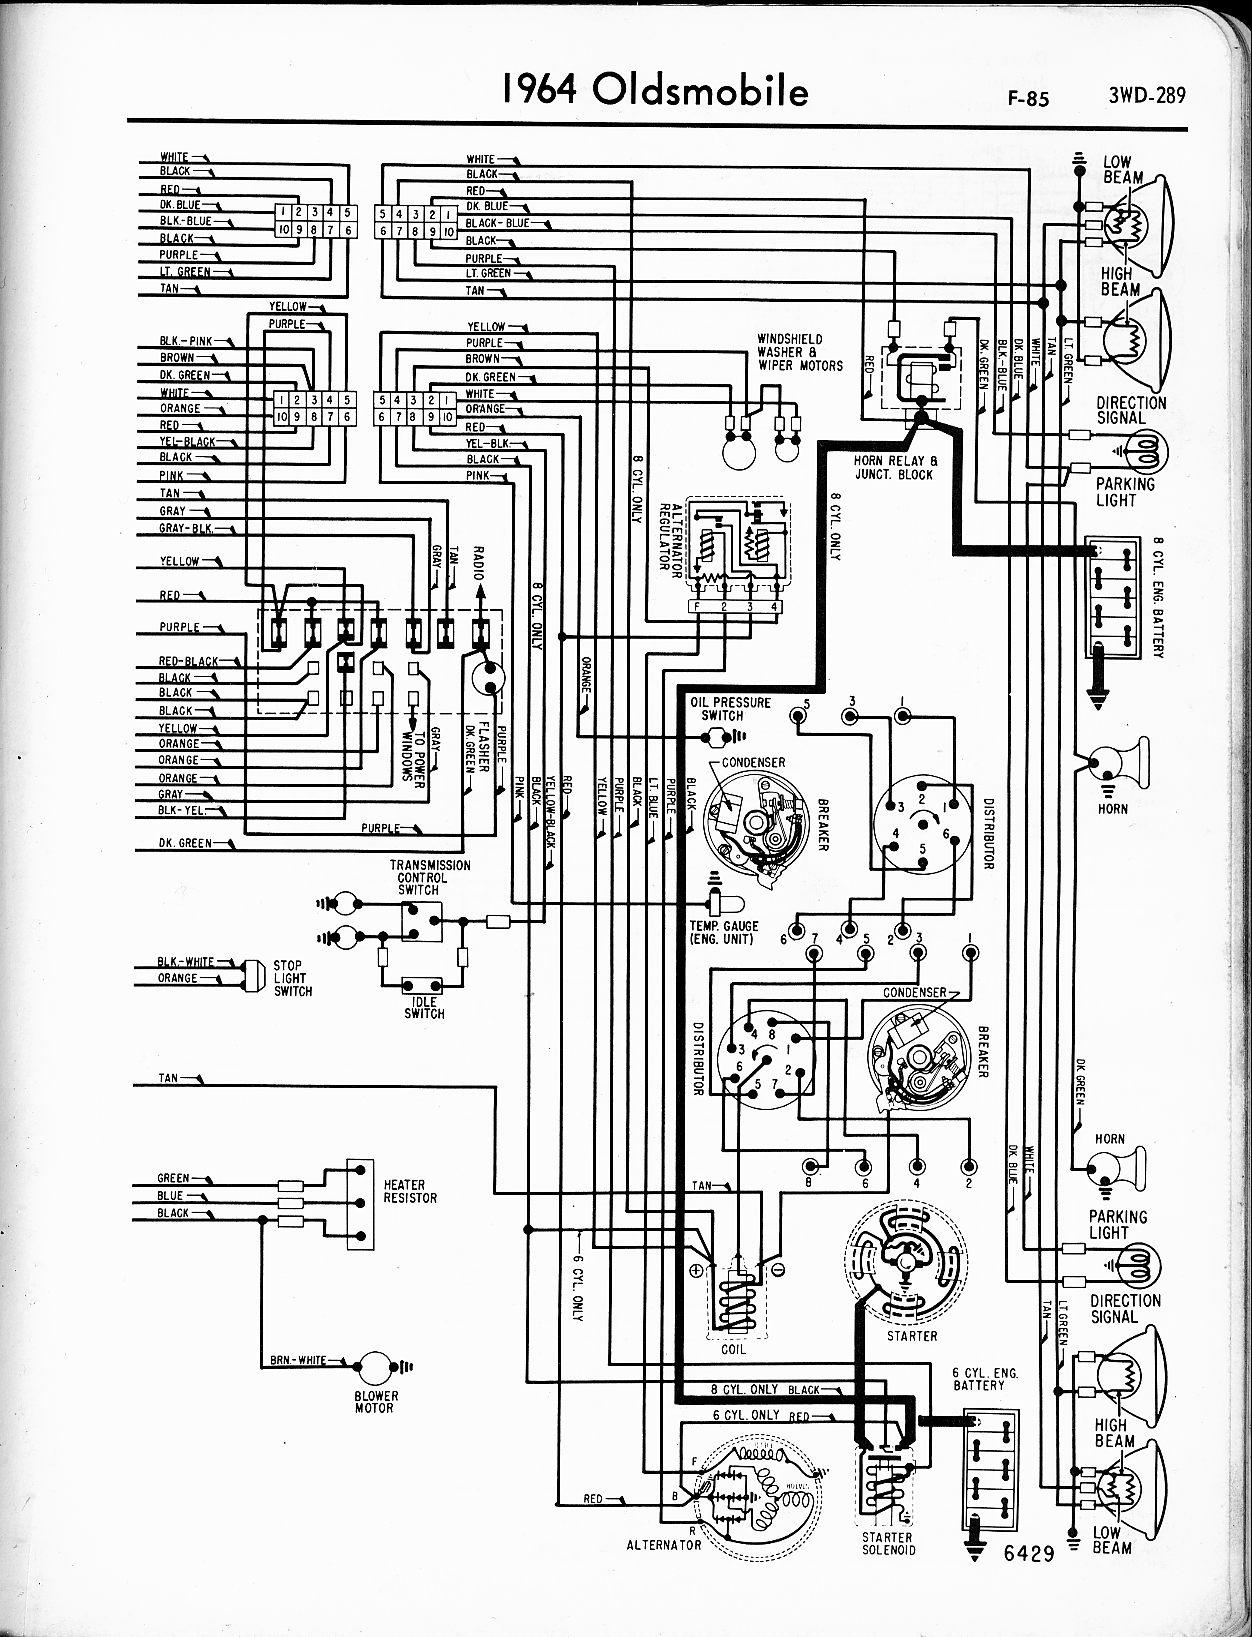 2001 mitsubishi mirage radio wiring diagram 4 way flat trailer dynantefo 88 olds get free image about